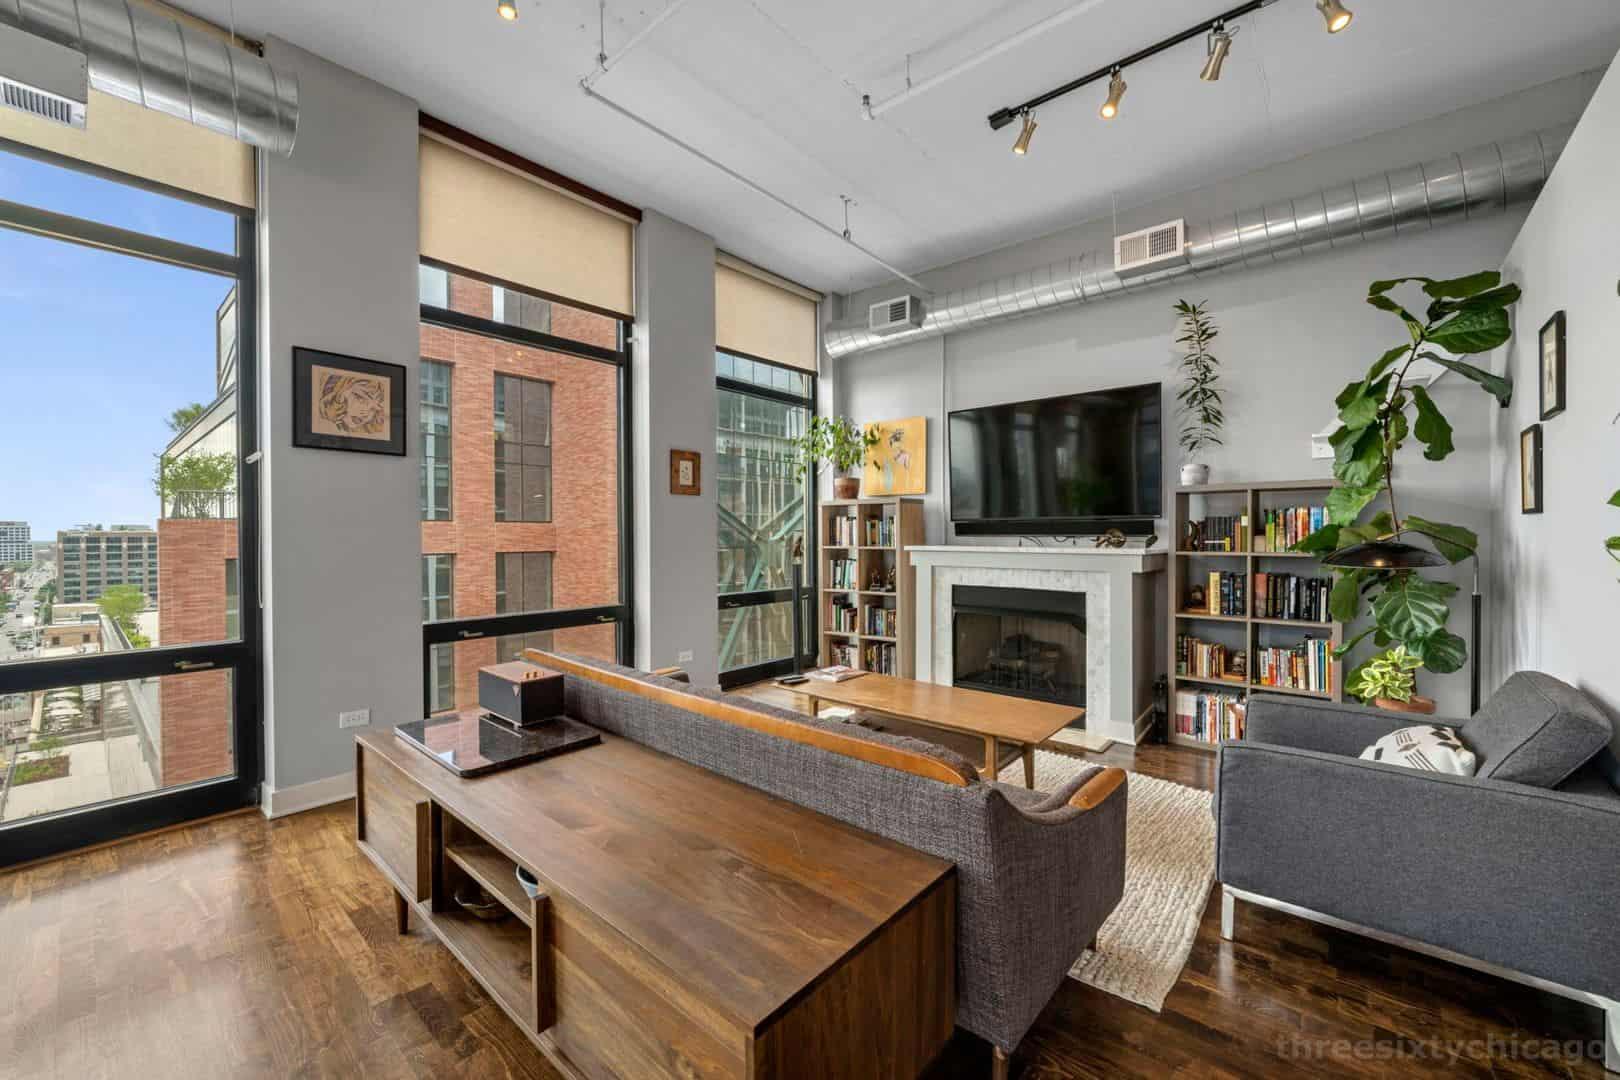 Fulton Market Two Bedroom Corner Unit - 740 W Fulton, Unit 1102, Chicago IL 60661 - Living Area